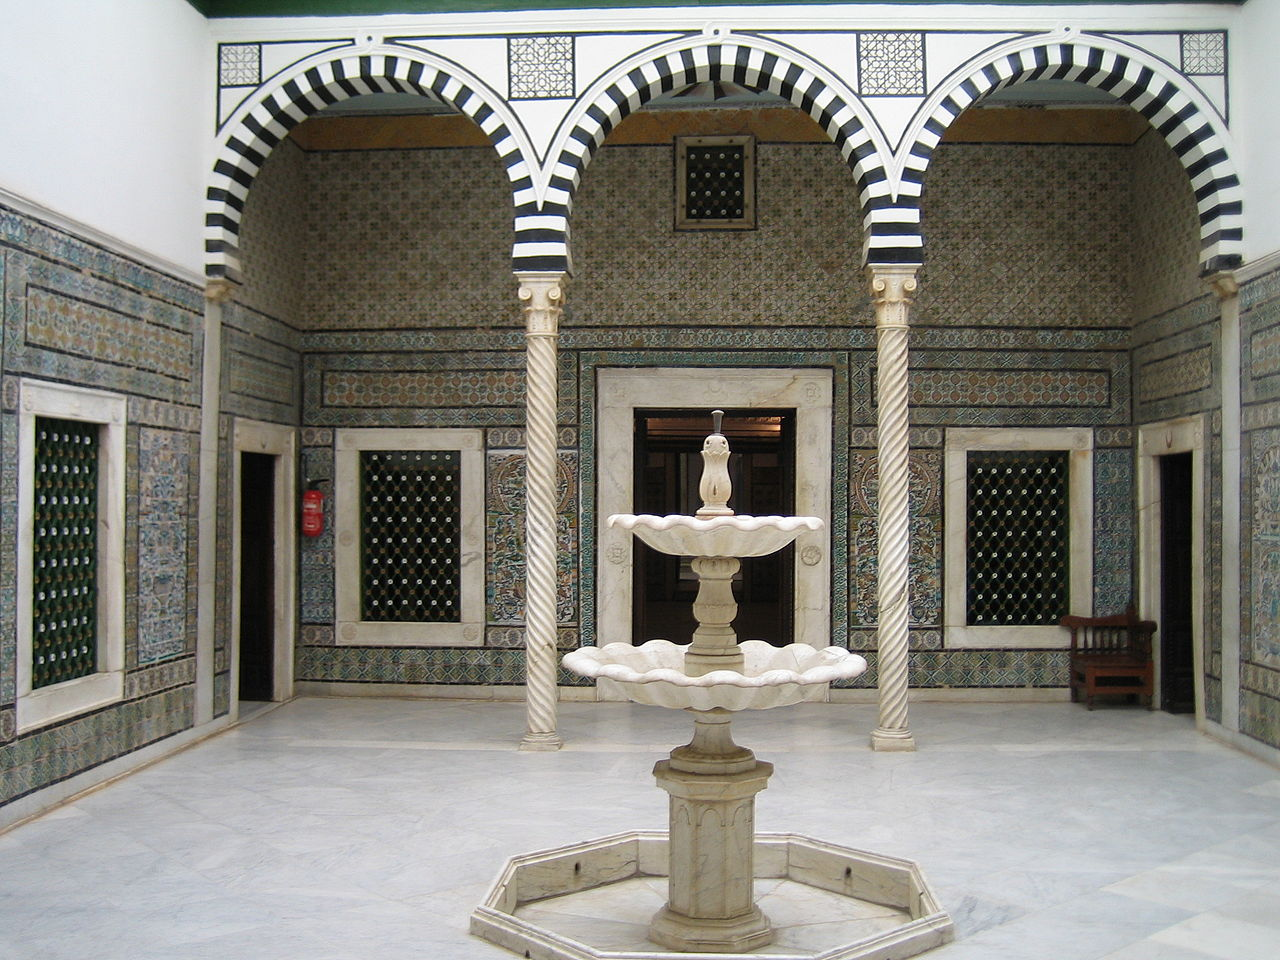 Музей Бардо, патио с фонтаном